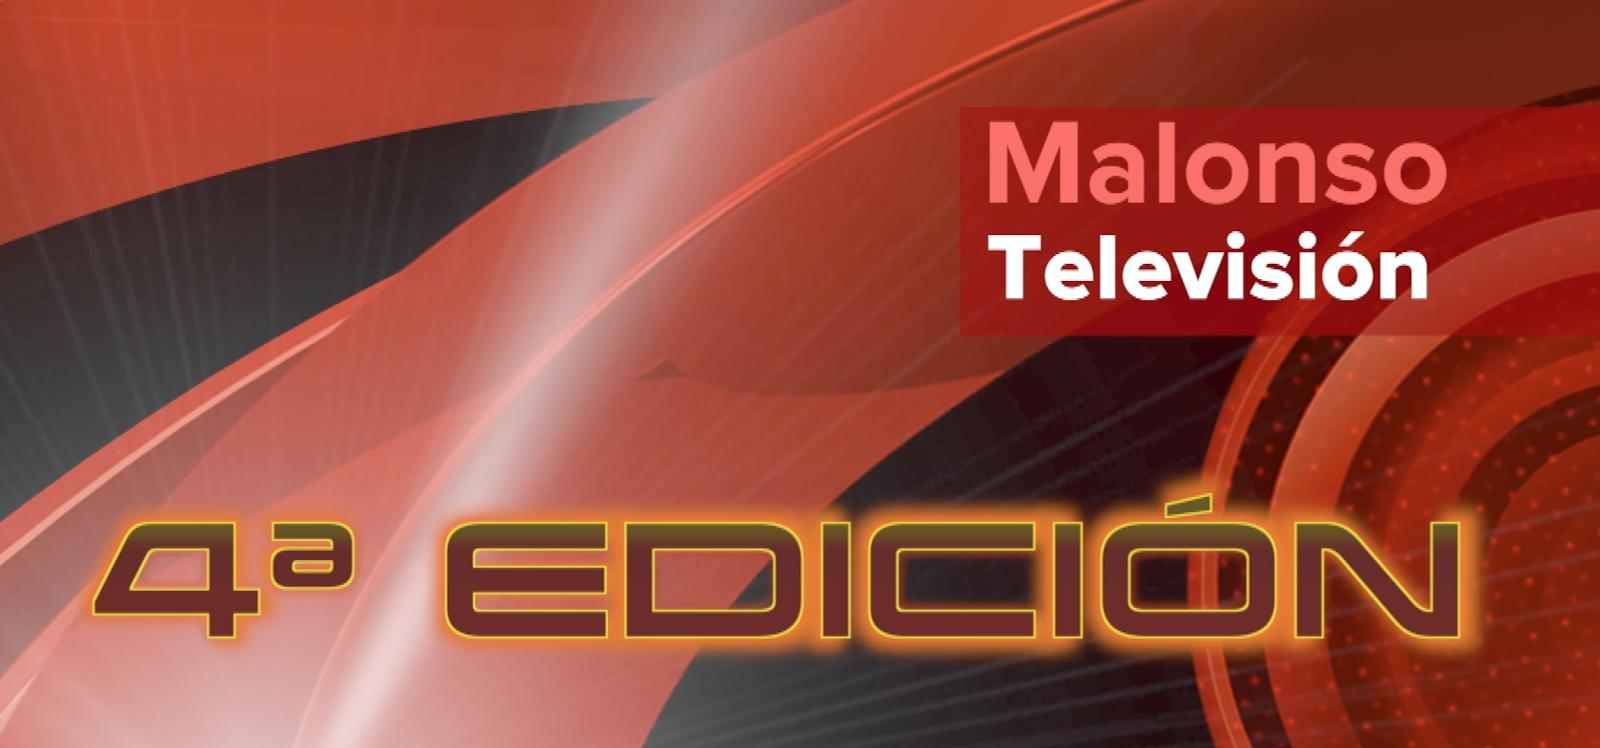 Malonso Tv 4ª Edición